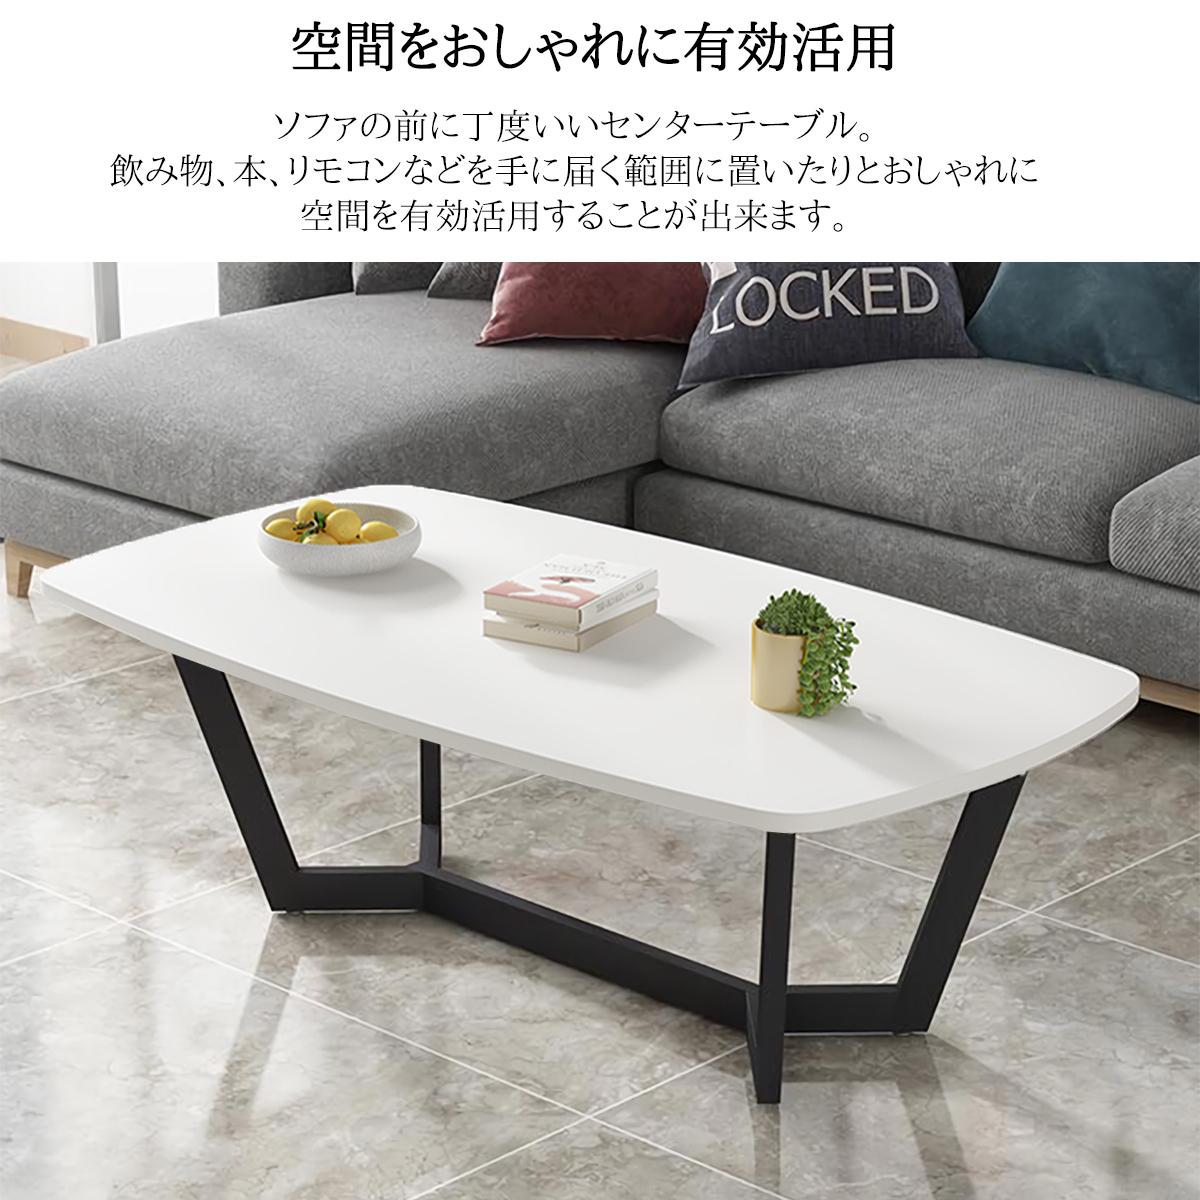 センターテーブル リビングテーブル 木製 テーブル ローテーブル パソコン ソファ ベッド 北欧 高級 リビング シンプル おしゃれ CT-13_画像3